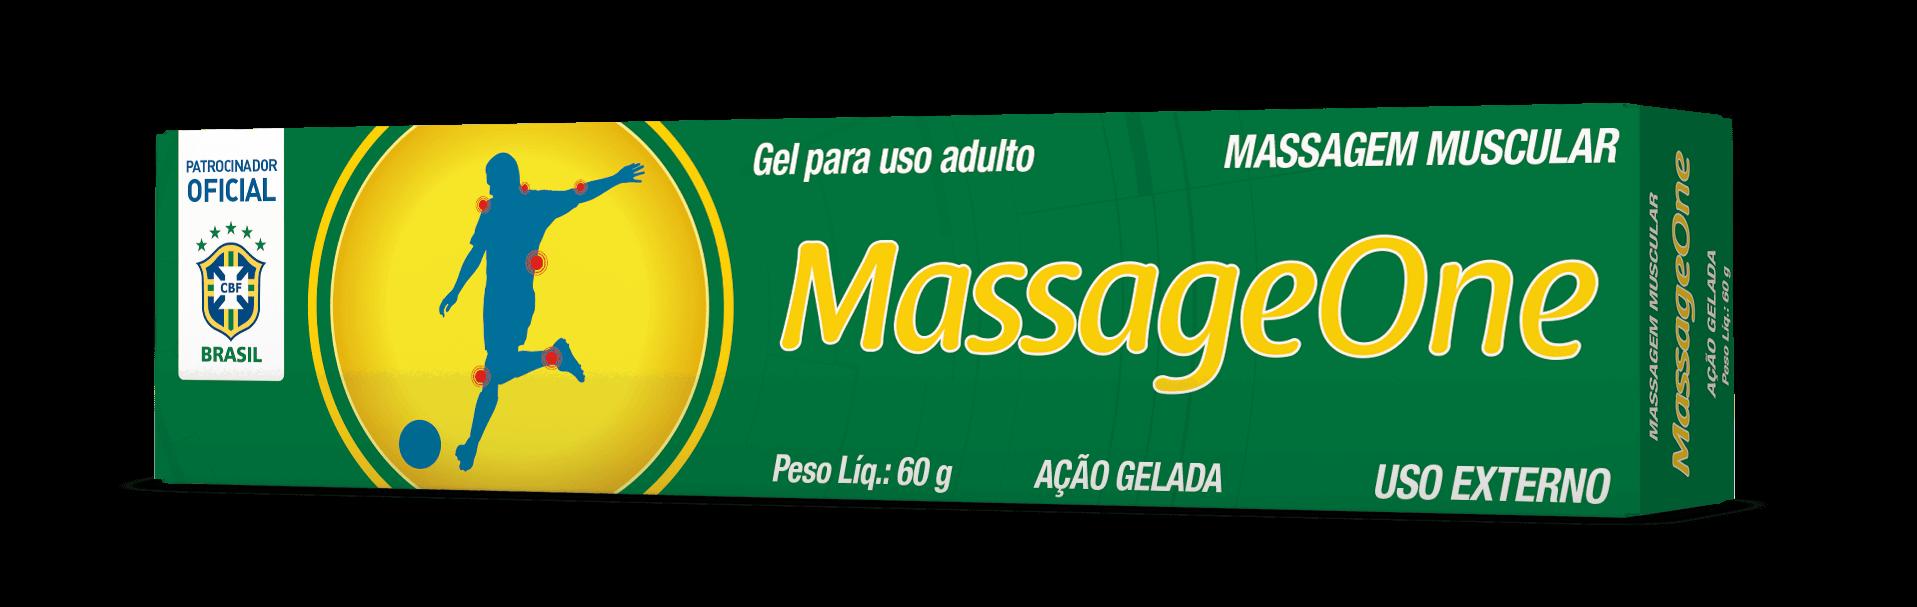 Imagem da embalagem do MassageOne Gel.